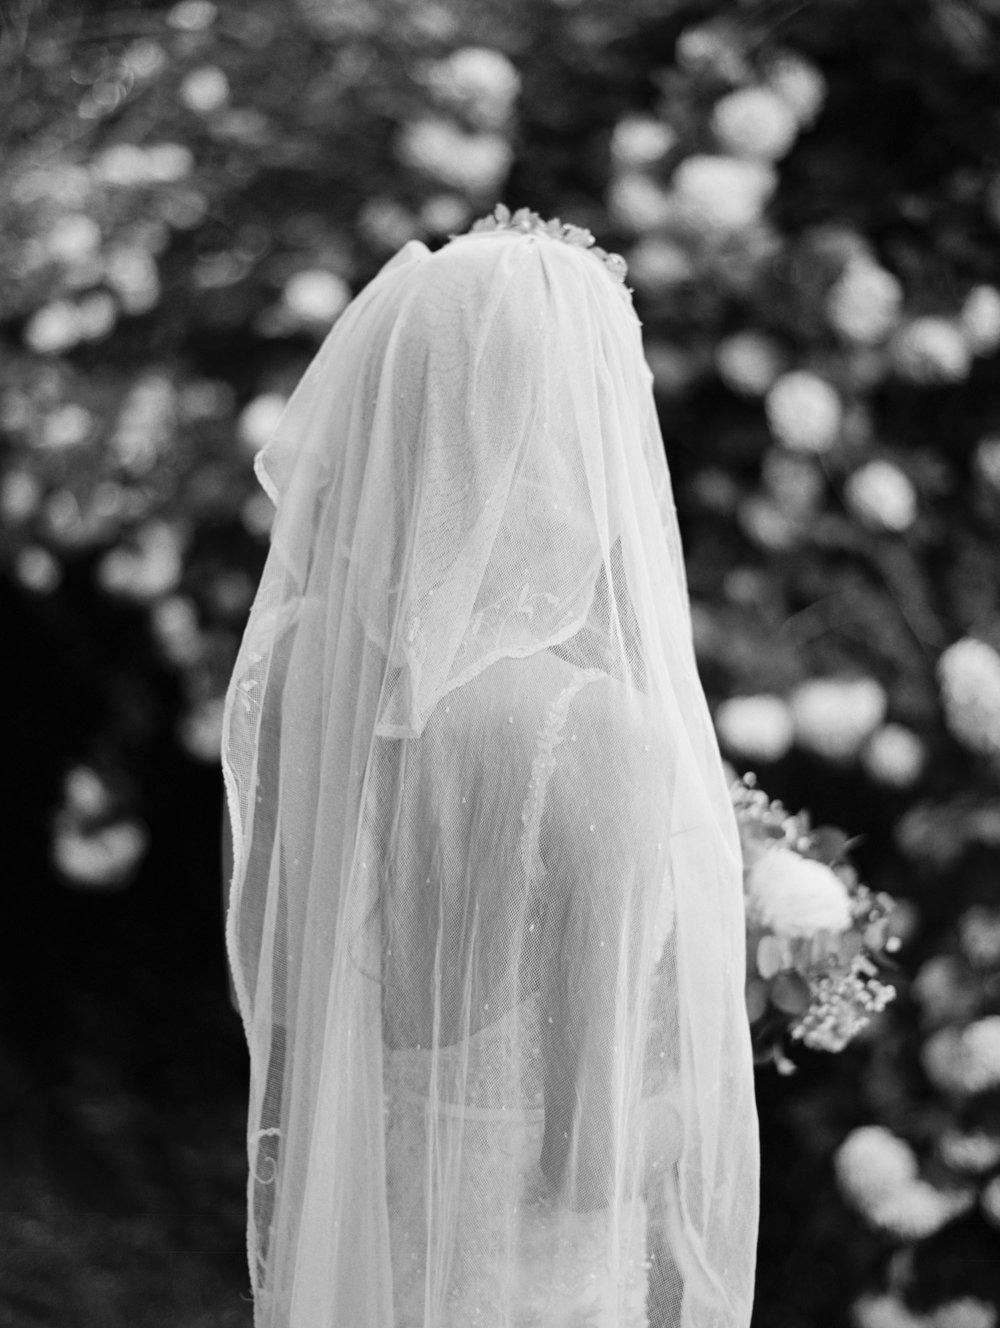 Whitehouse-hahndorf-wedding-photography-068.jpg